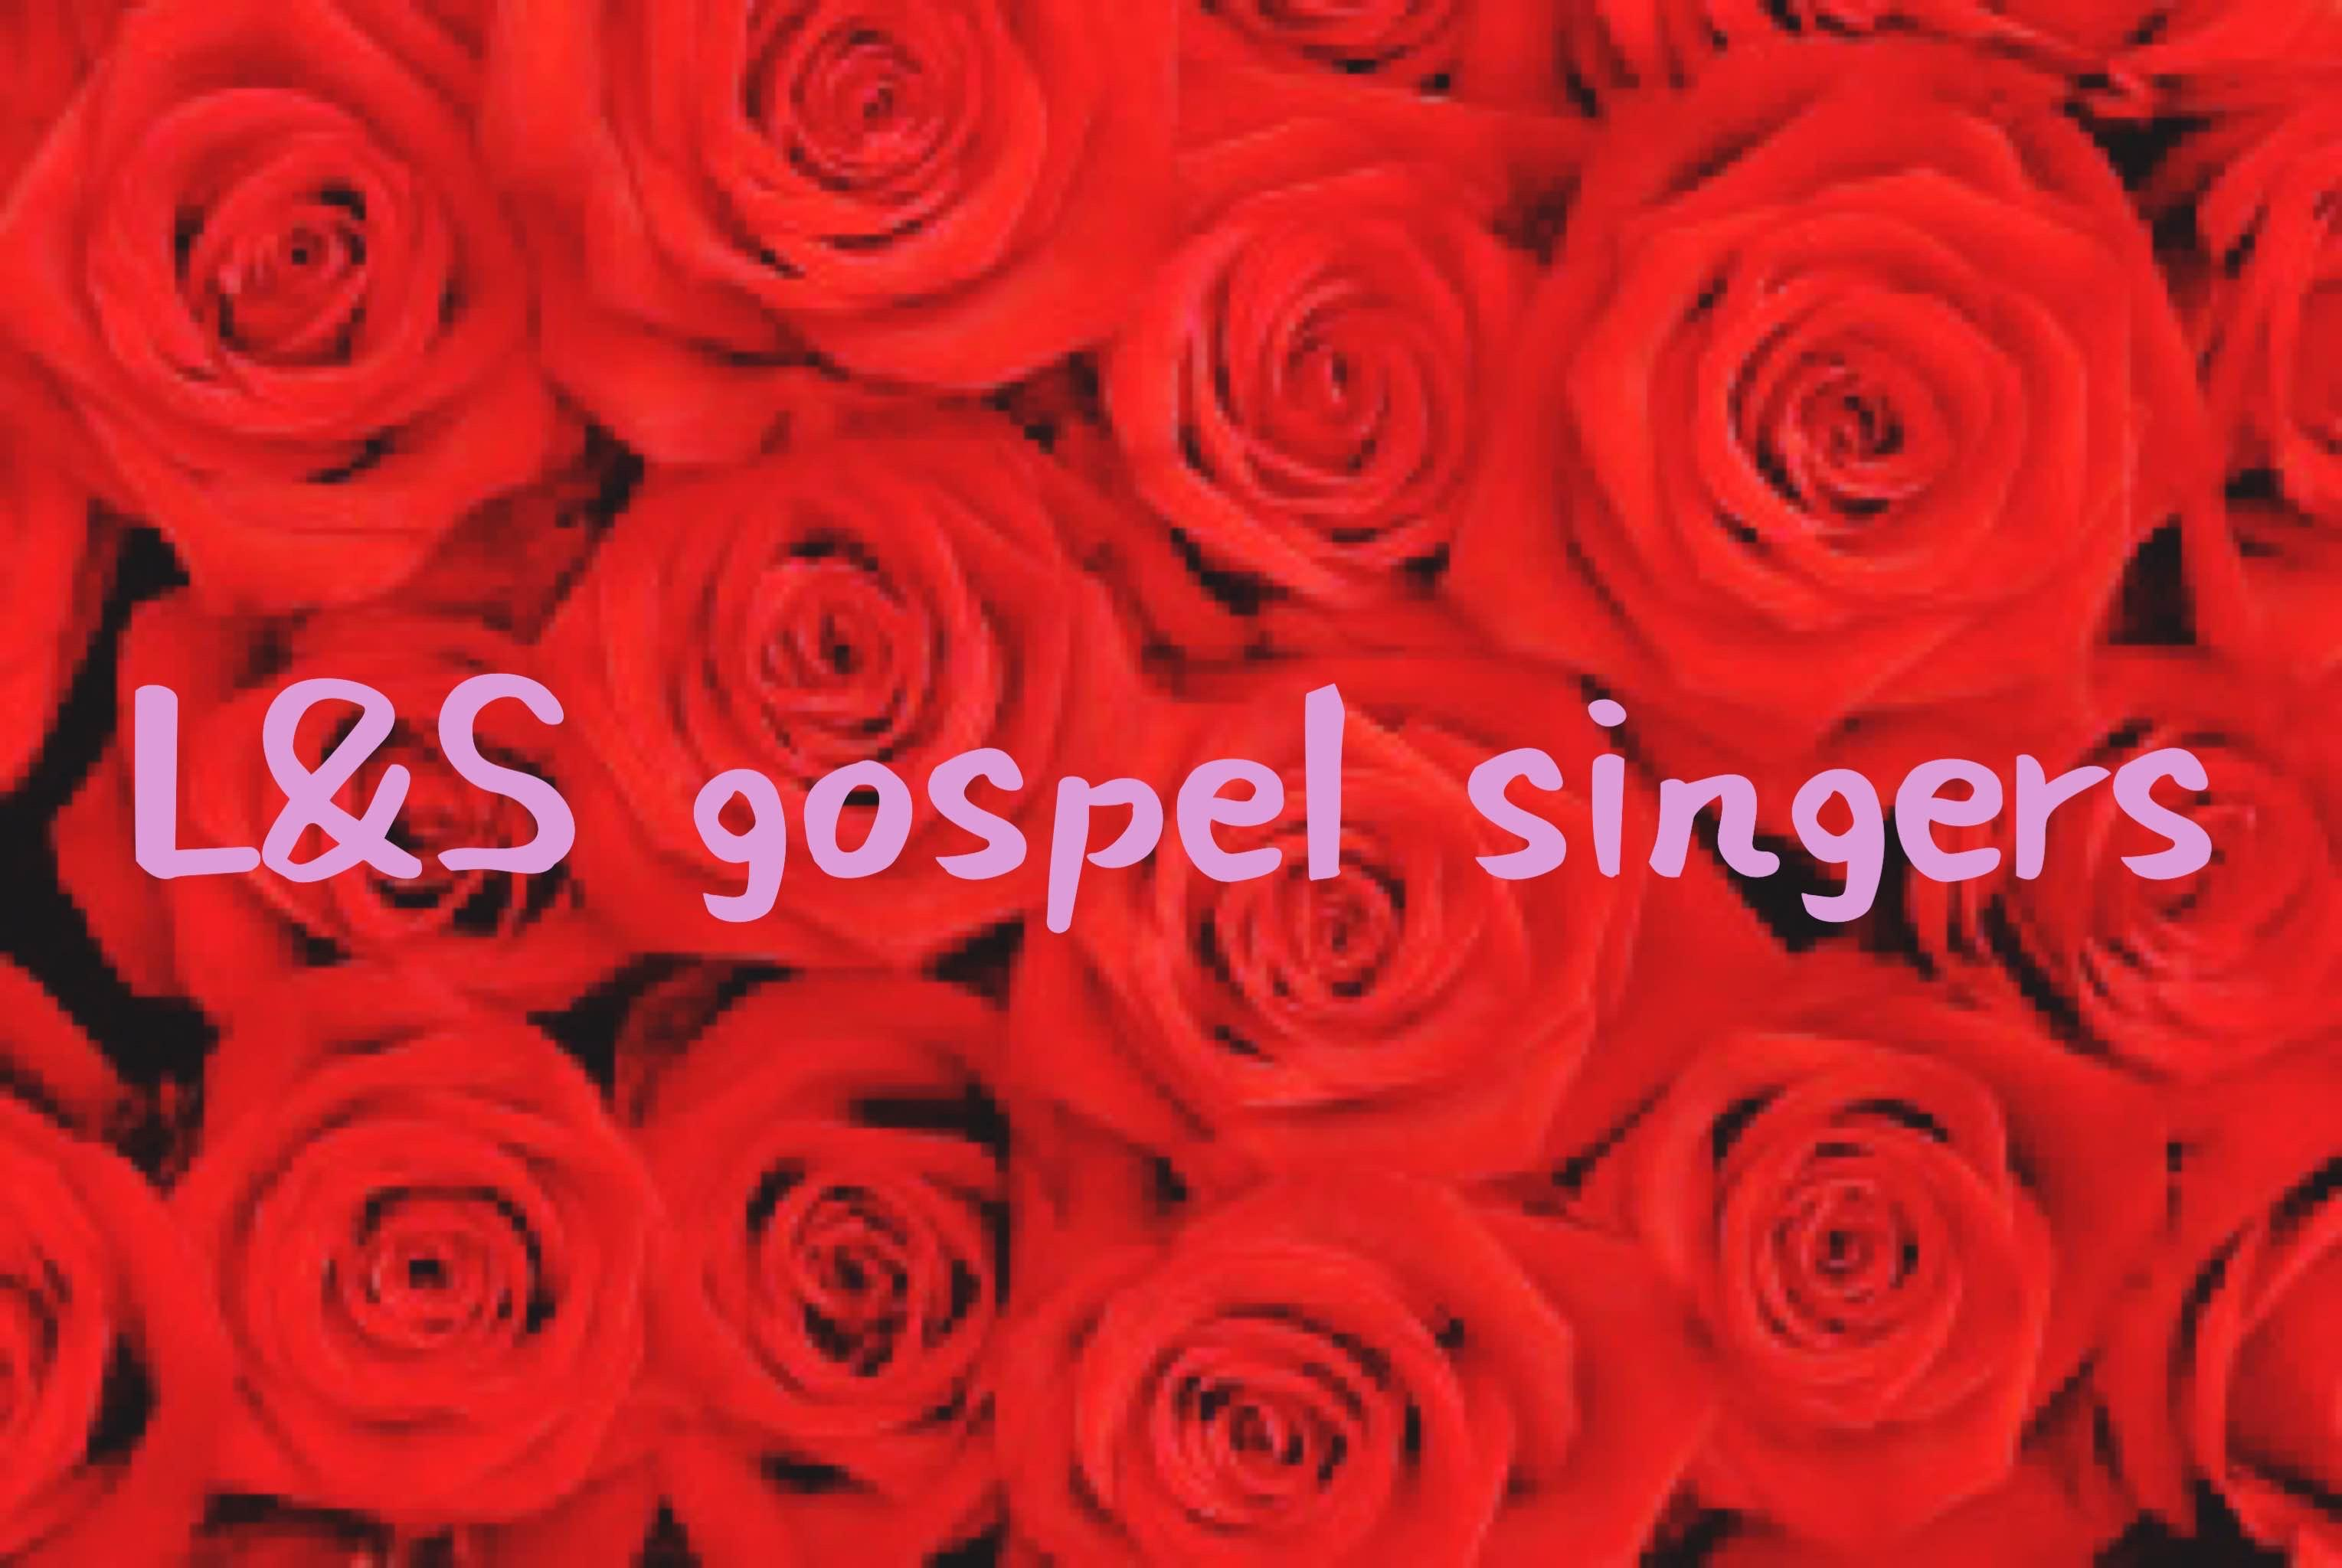 L&S gospel singers